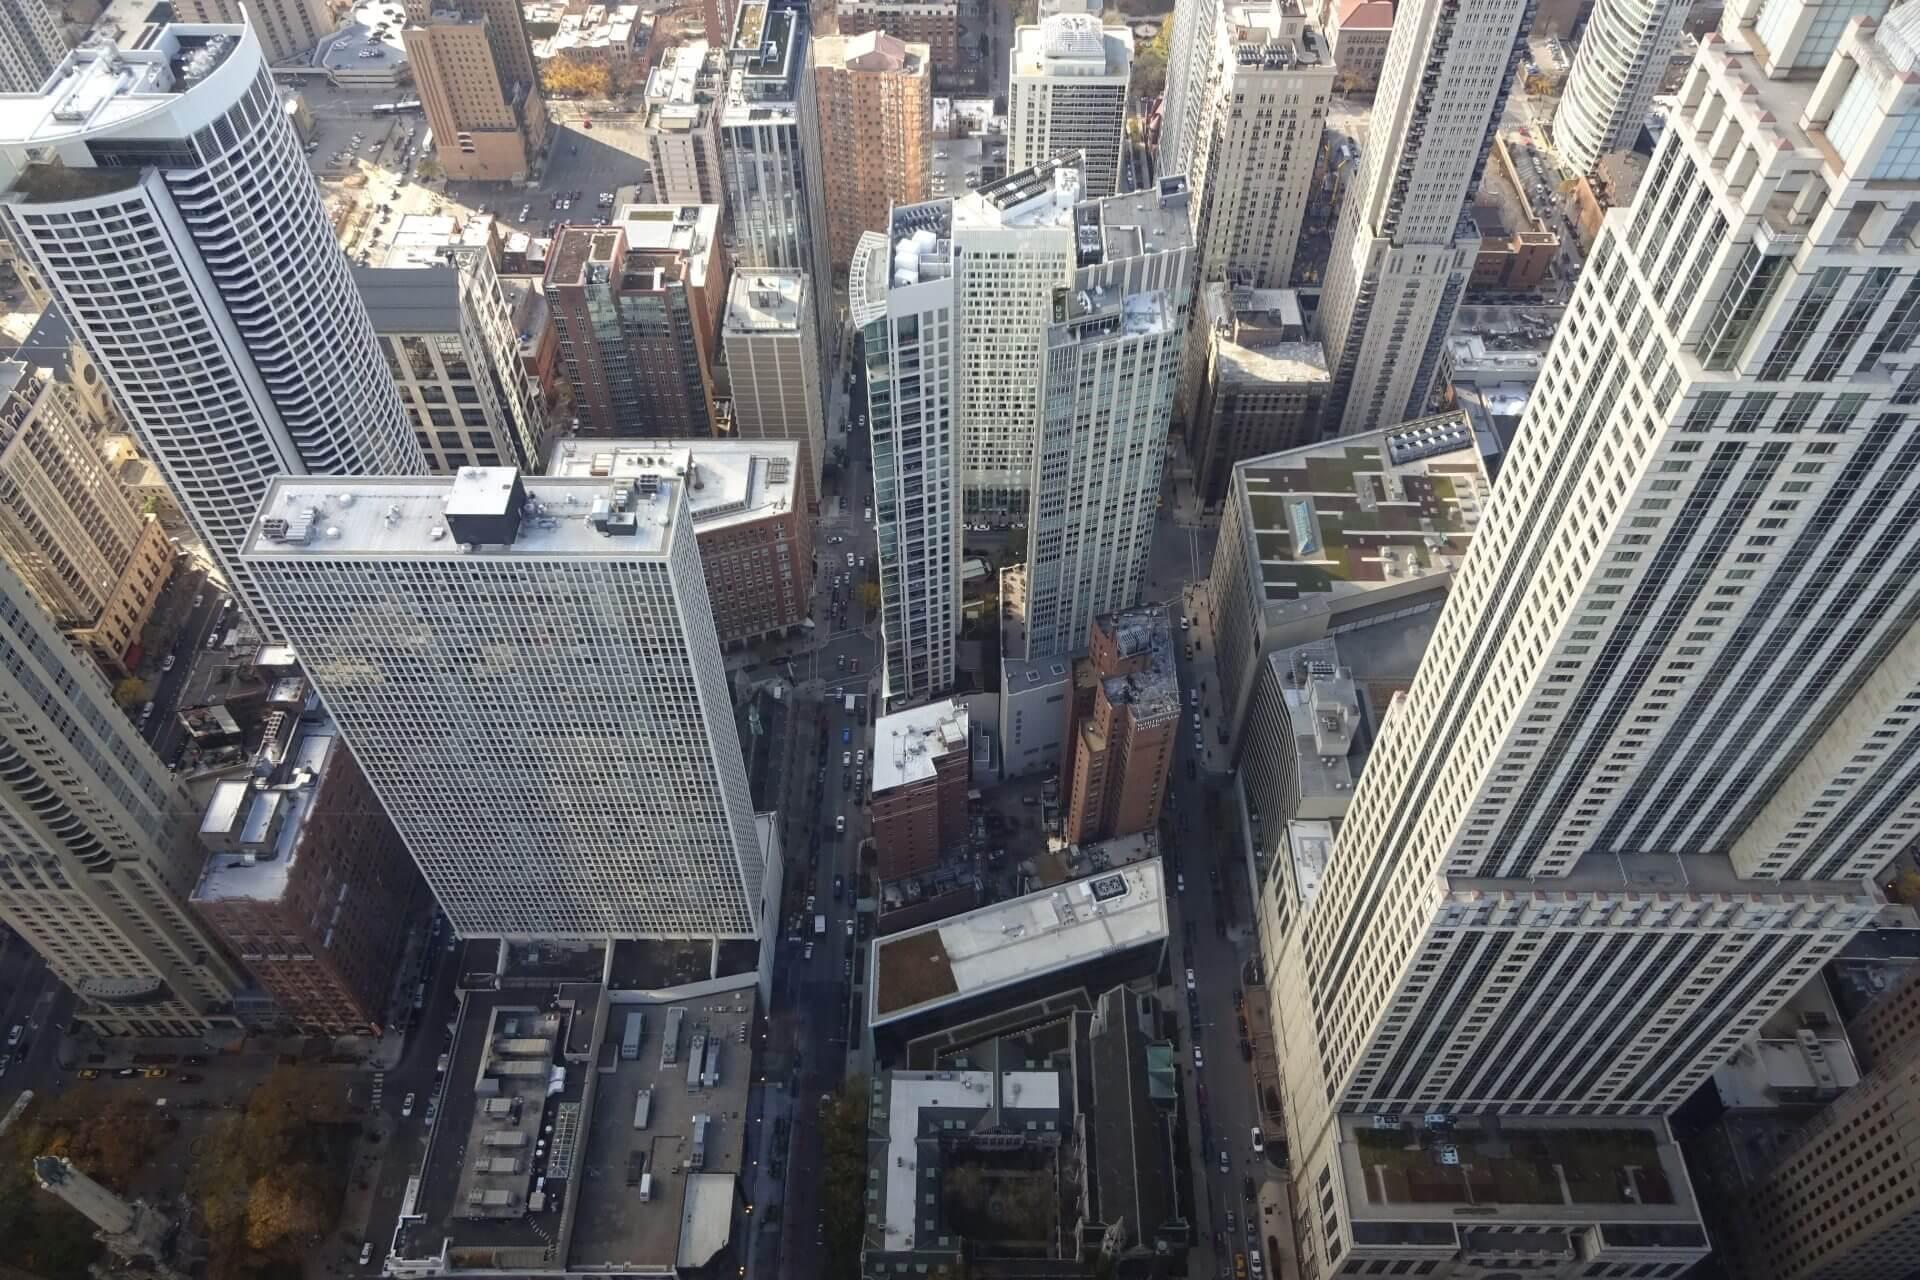 Ausblick auf Downtown vom observatory im 94. Stockwerk des John Hancock Center. Bilder und Eindrücke aus Chicago, Illinois, United States.